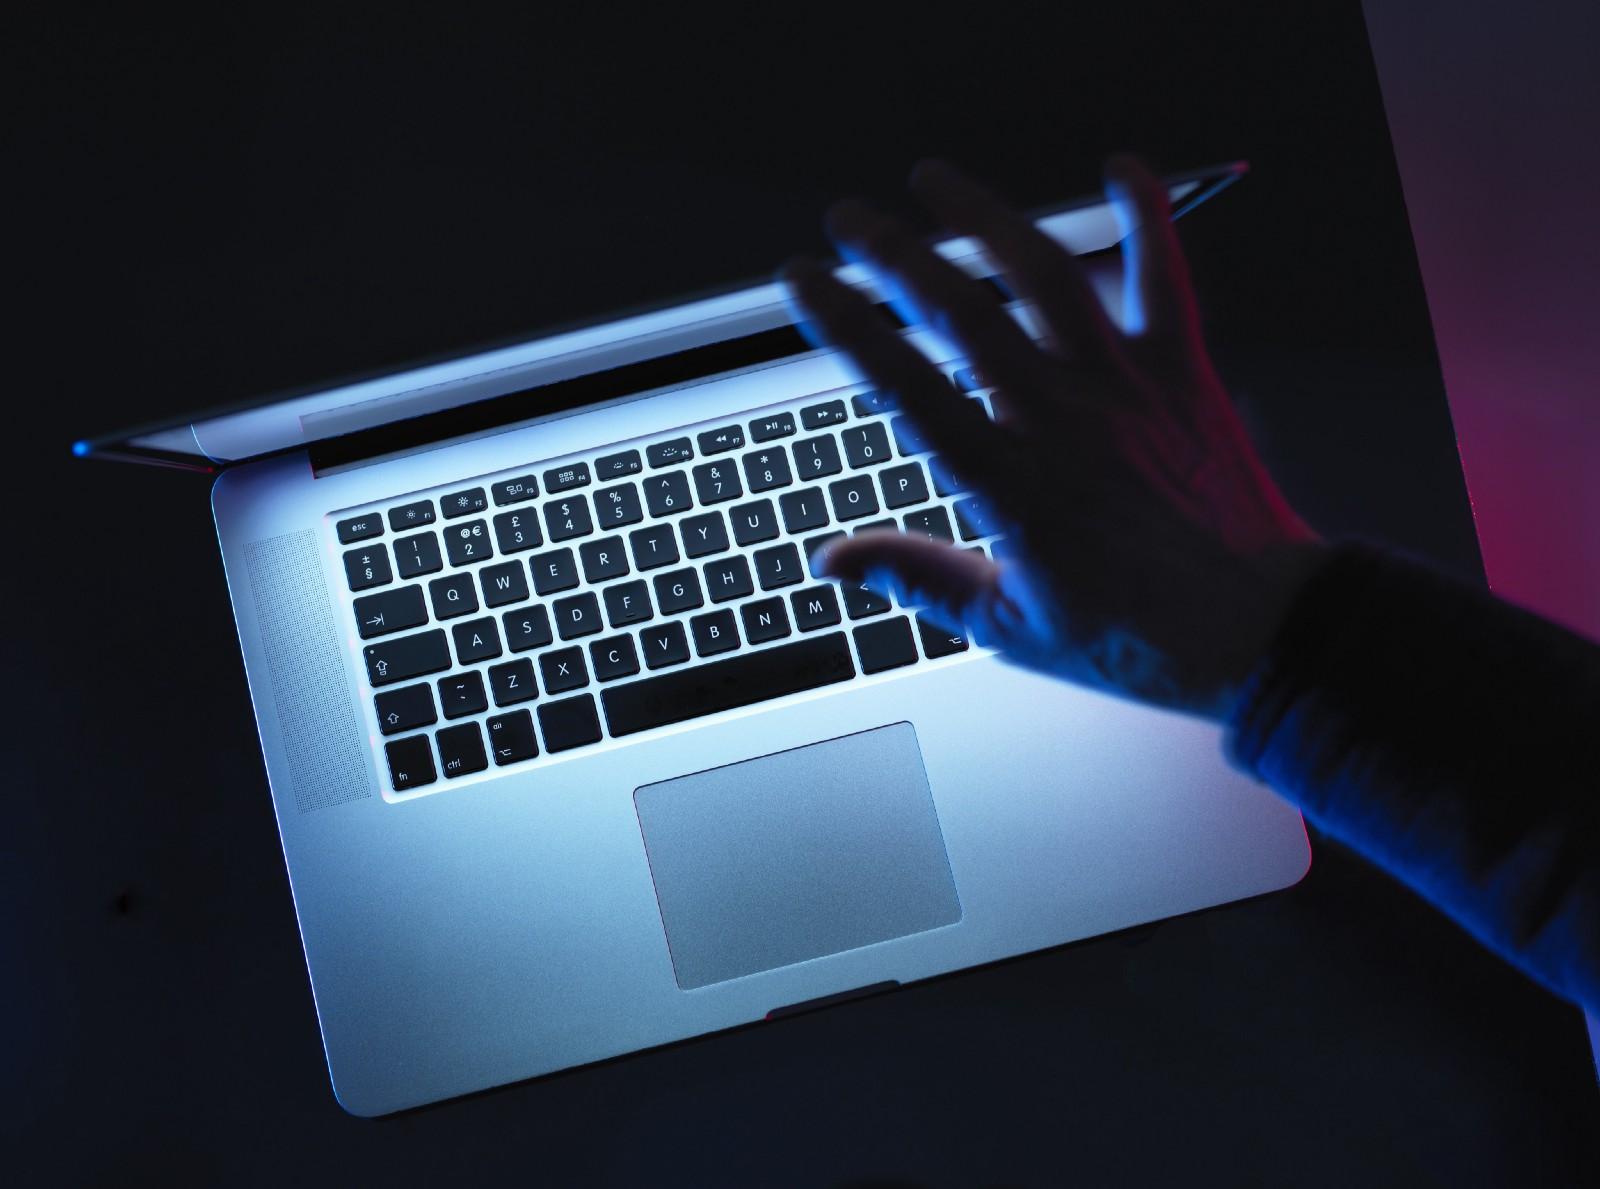 [Перевод] Тёмный режим не решит проблем с экранами